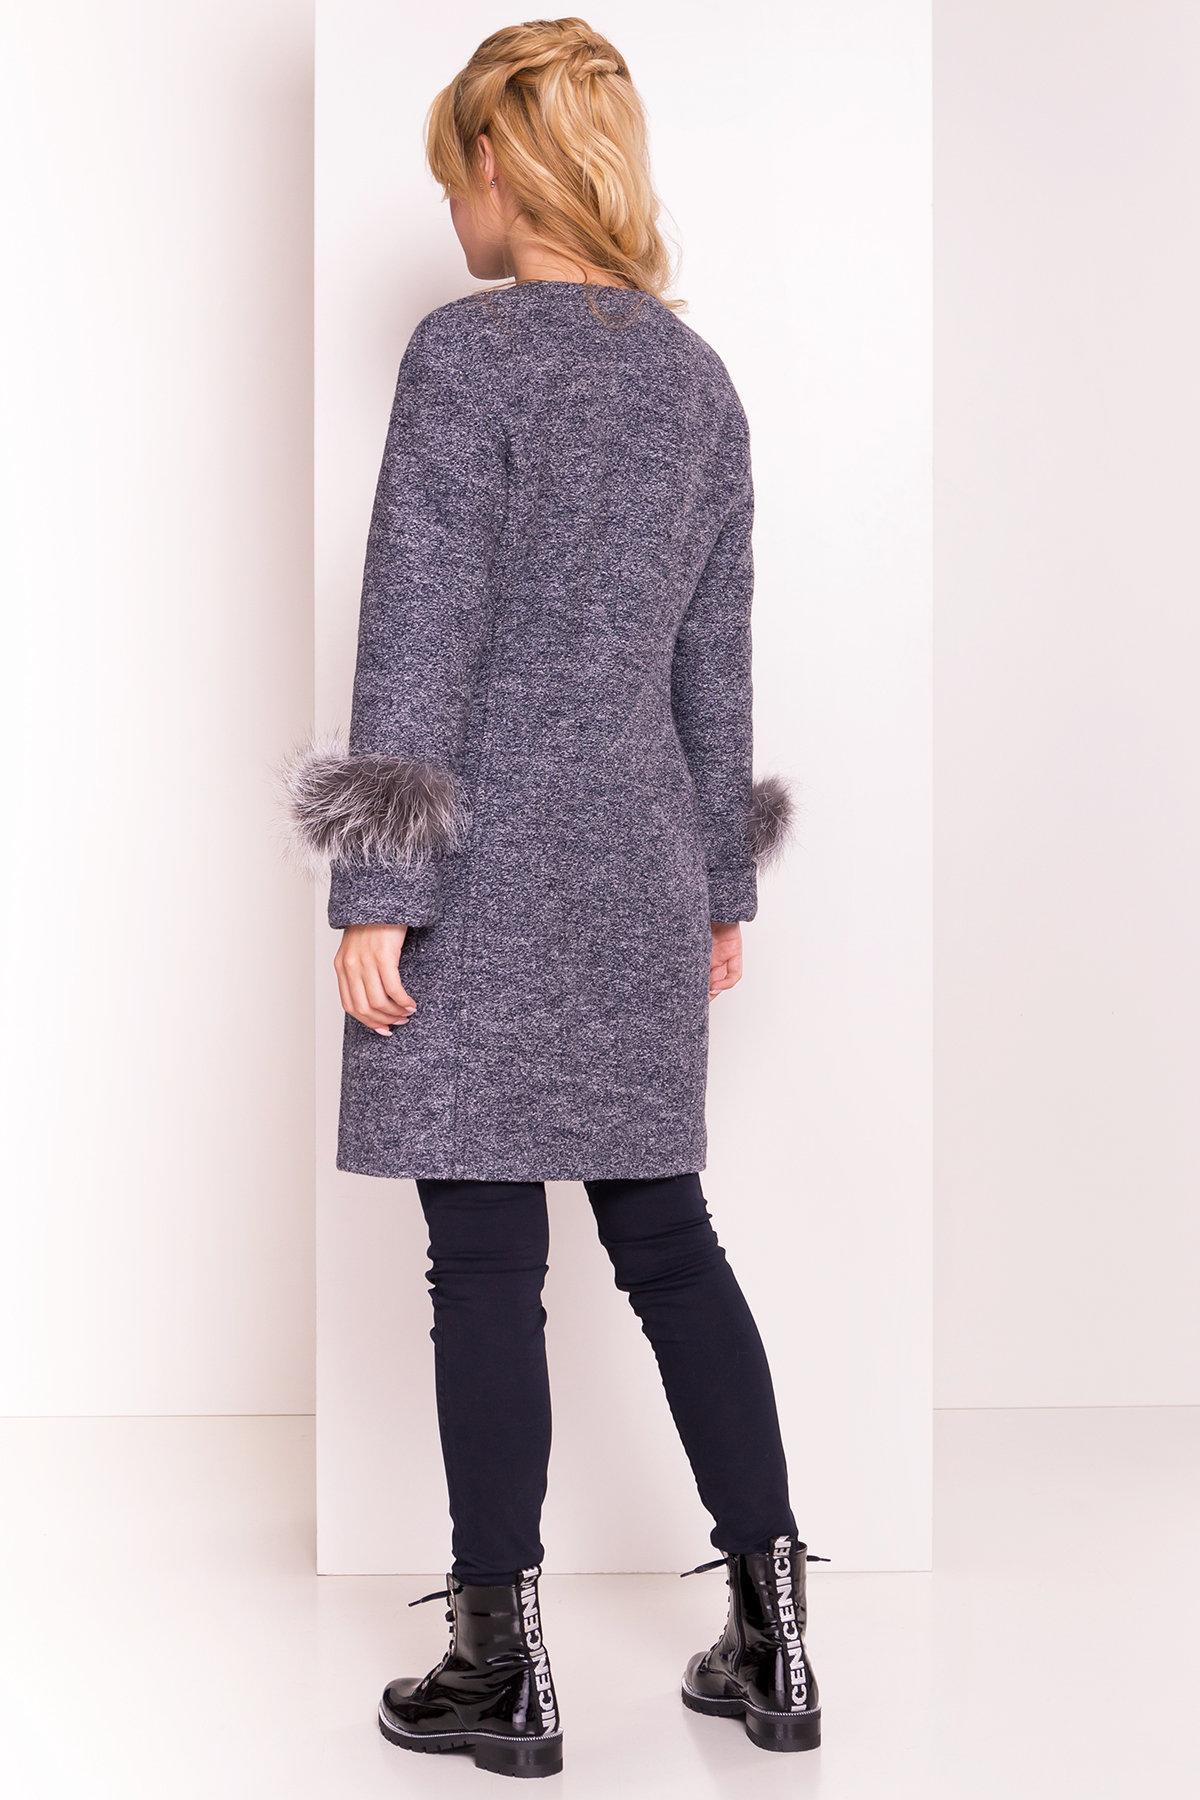 Пальто Кристина 5415 АРТ. 36566 Цвет: Серый темный LW-22 - фото 5, интернет магазин tm-modus.ru